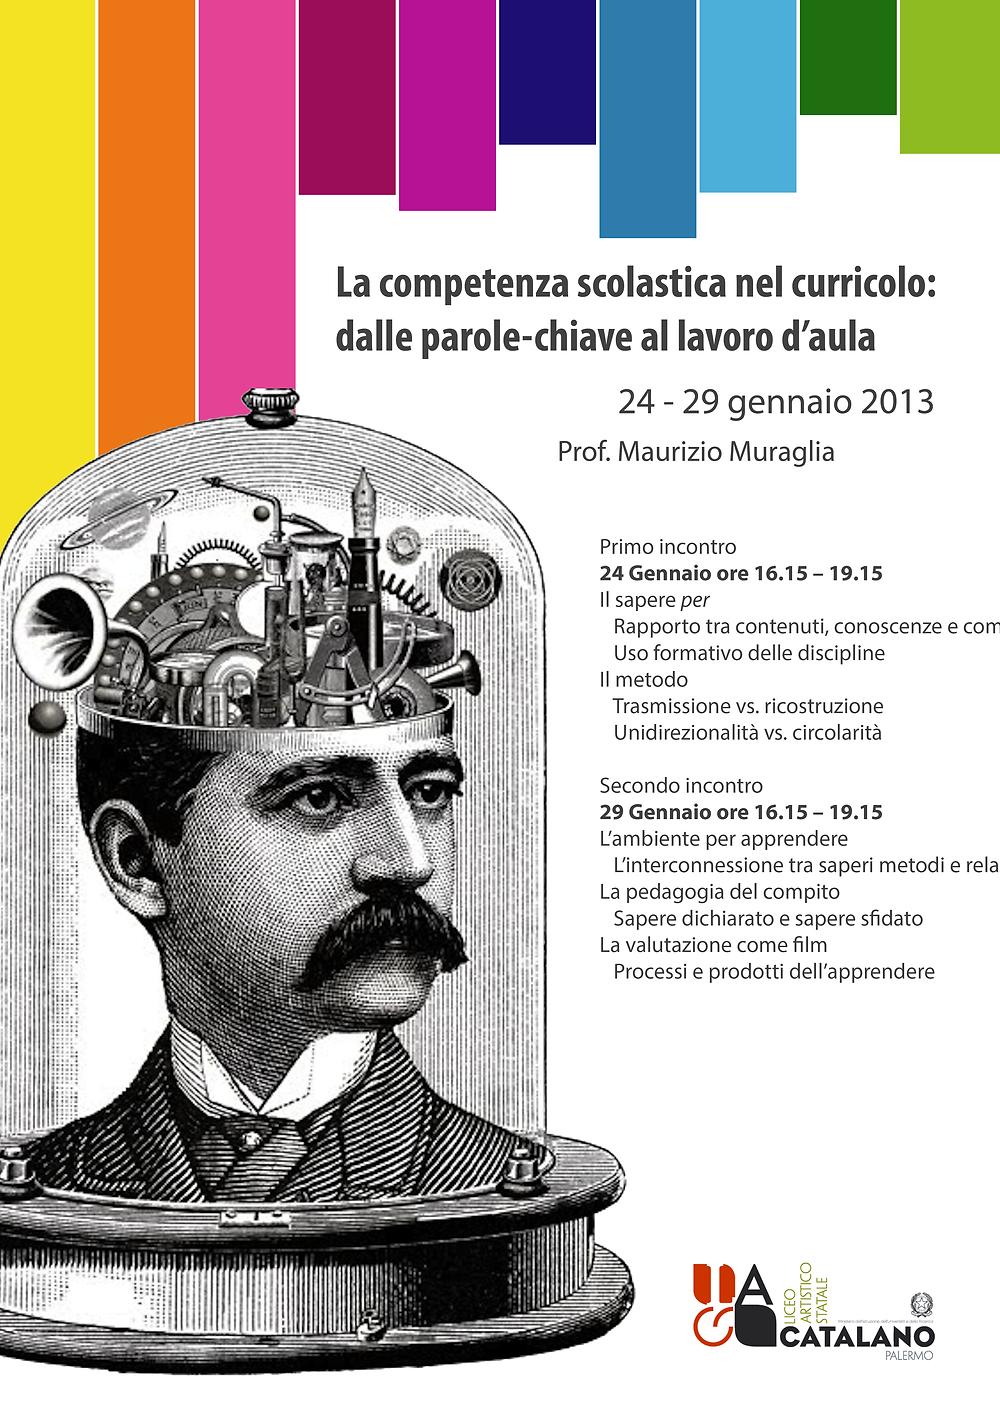 locandina La competenza scolastica nel curricolo-01.png